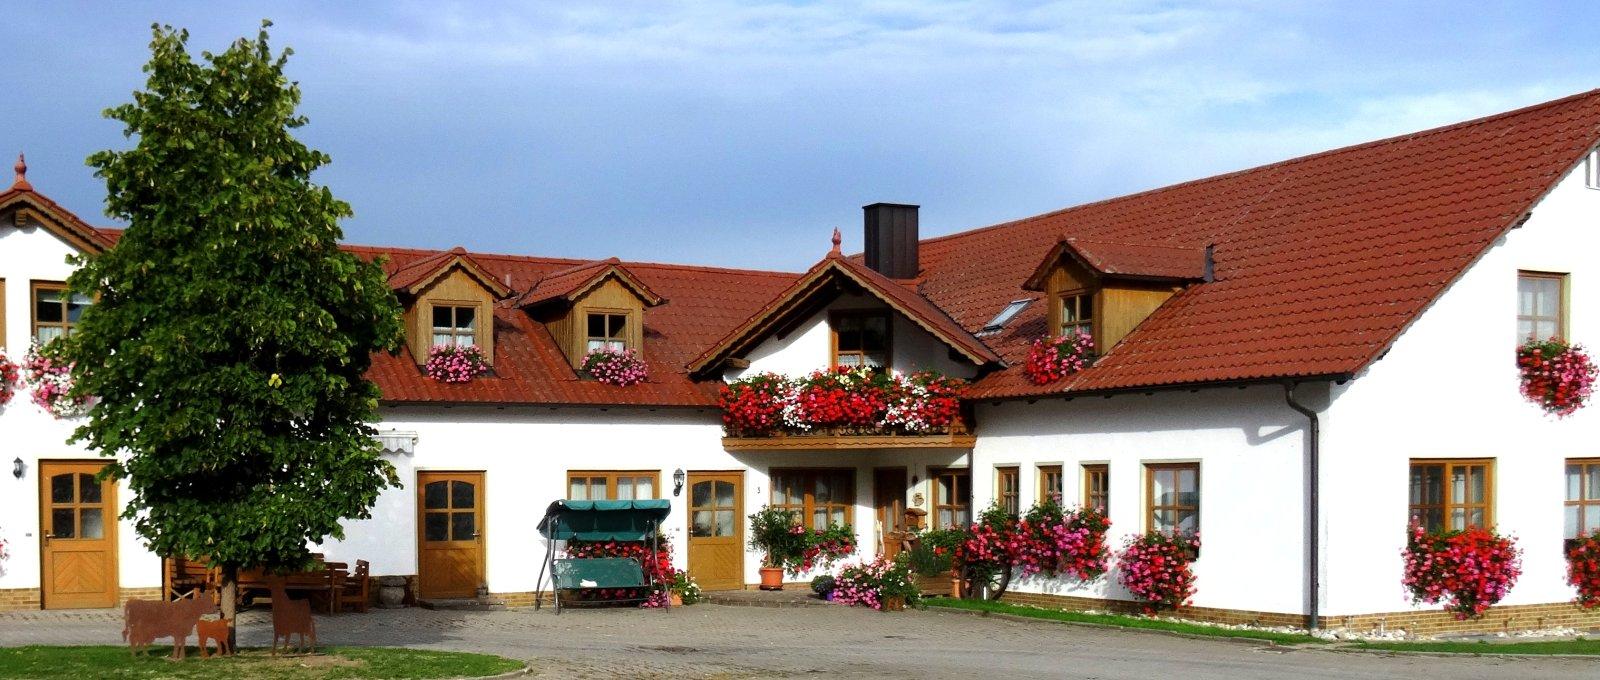 nissl-neunburg-vorm-wald-ferienwohnungen-bauernhof-oberpfal